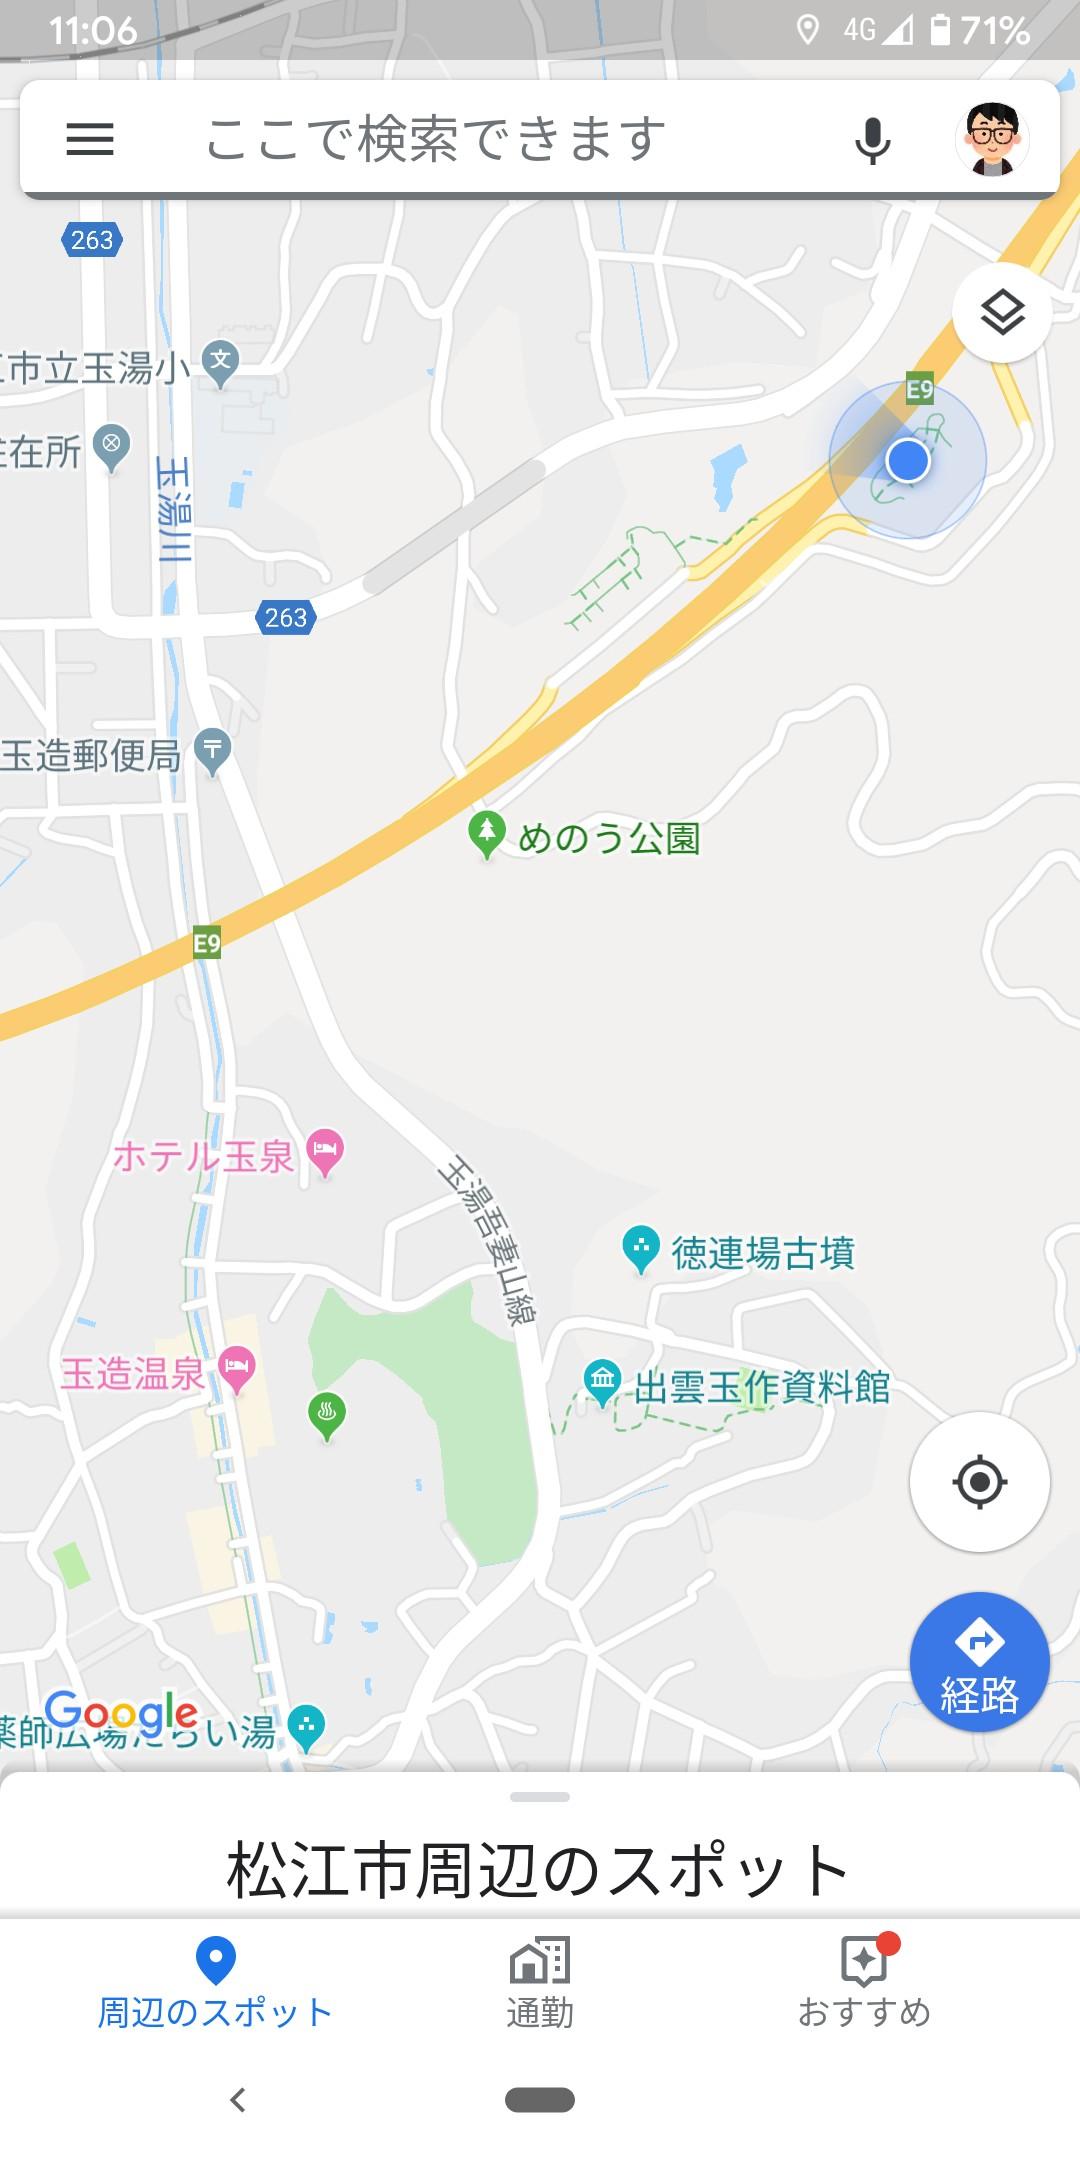 f:id:kailagi:20191028105200j:image